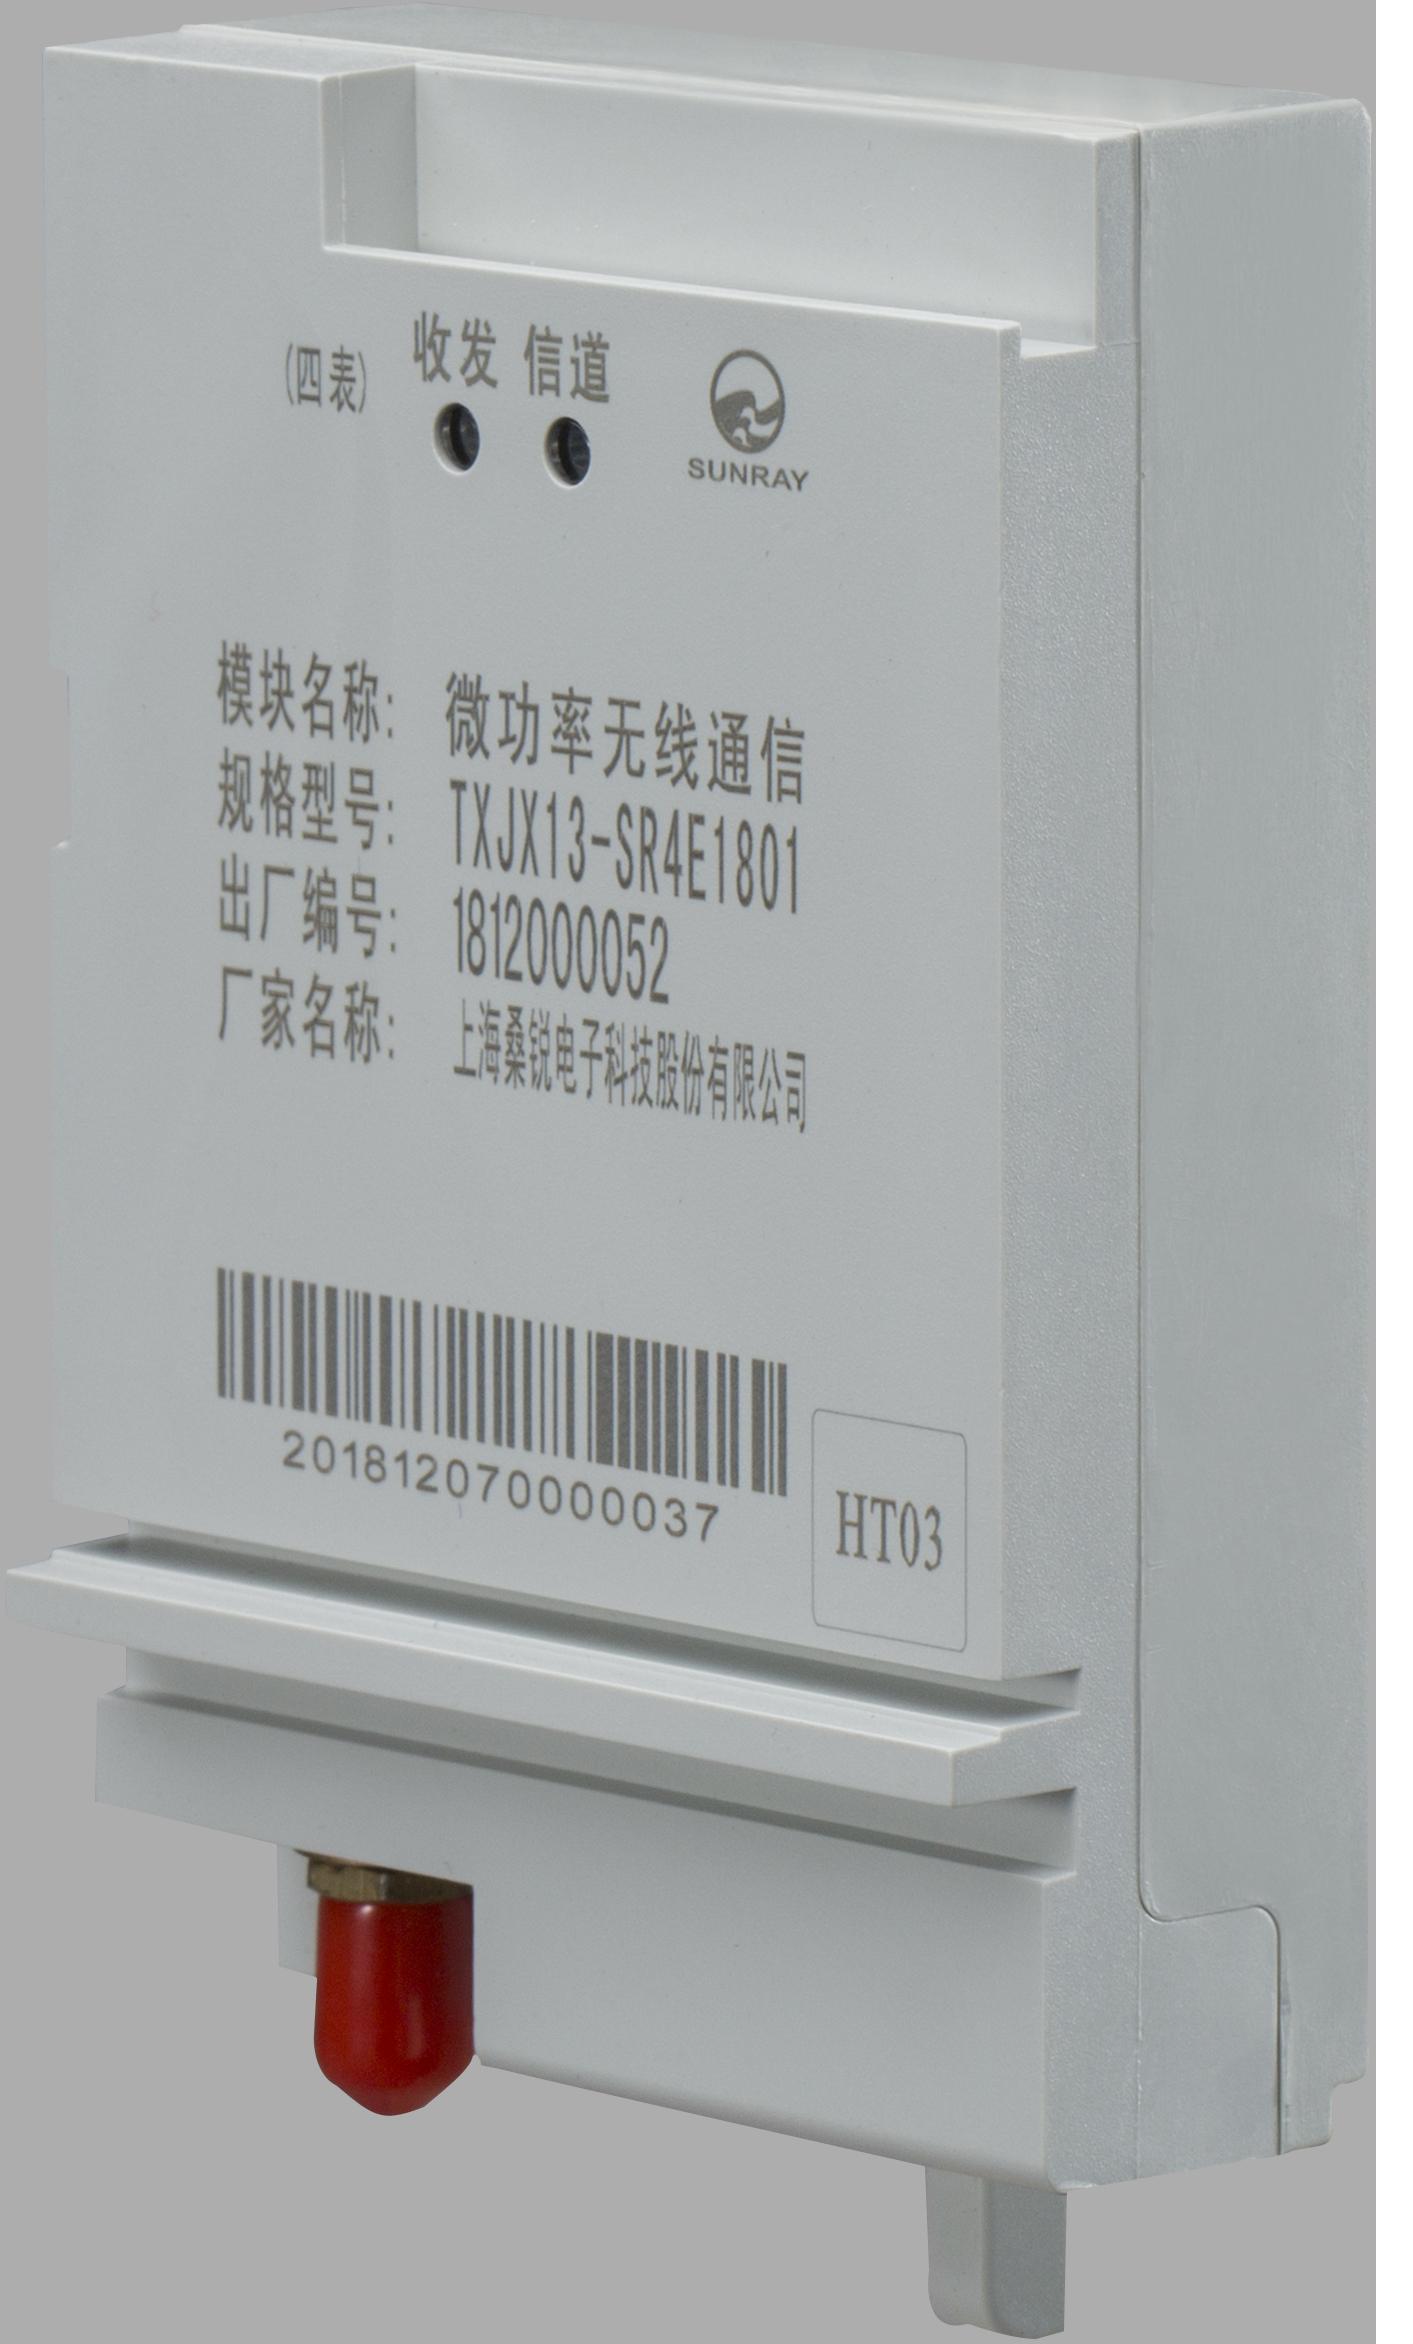 產品摳圖-6智能電力-TXJX13-SR4E1801-6